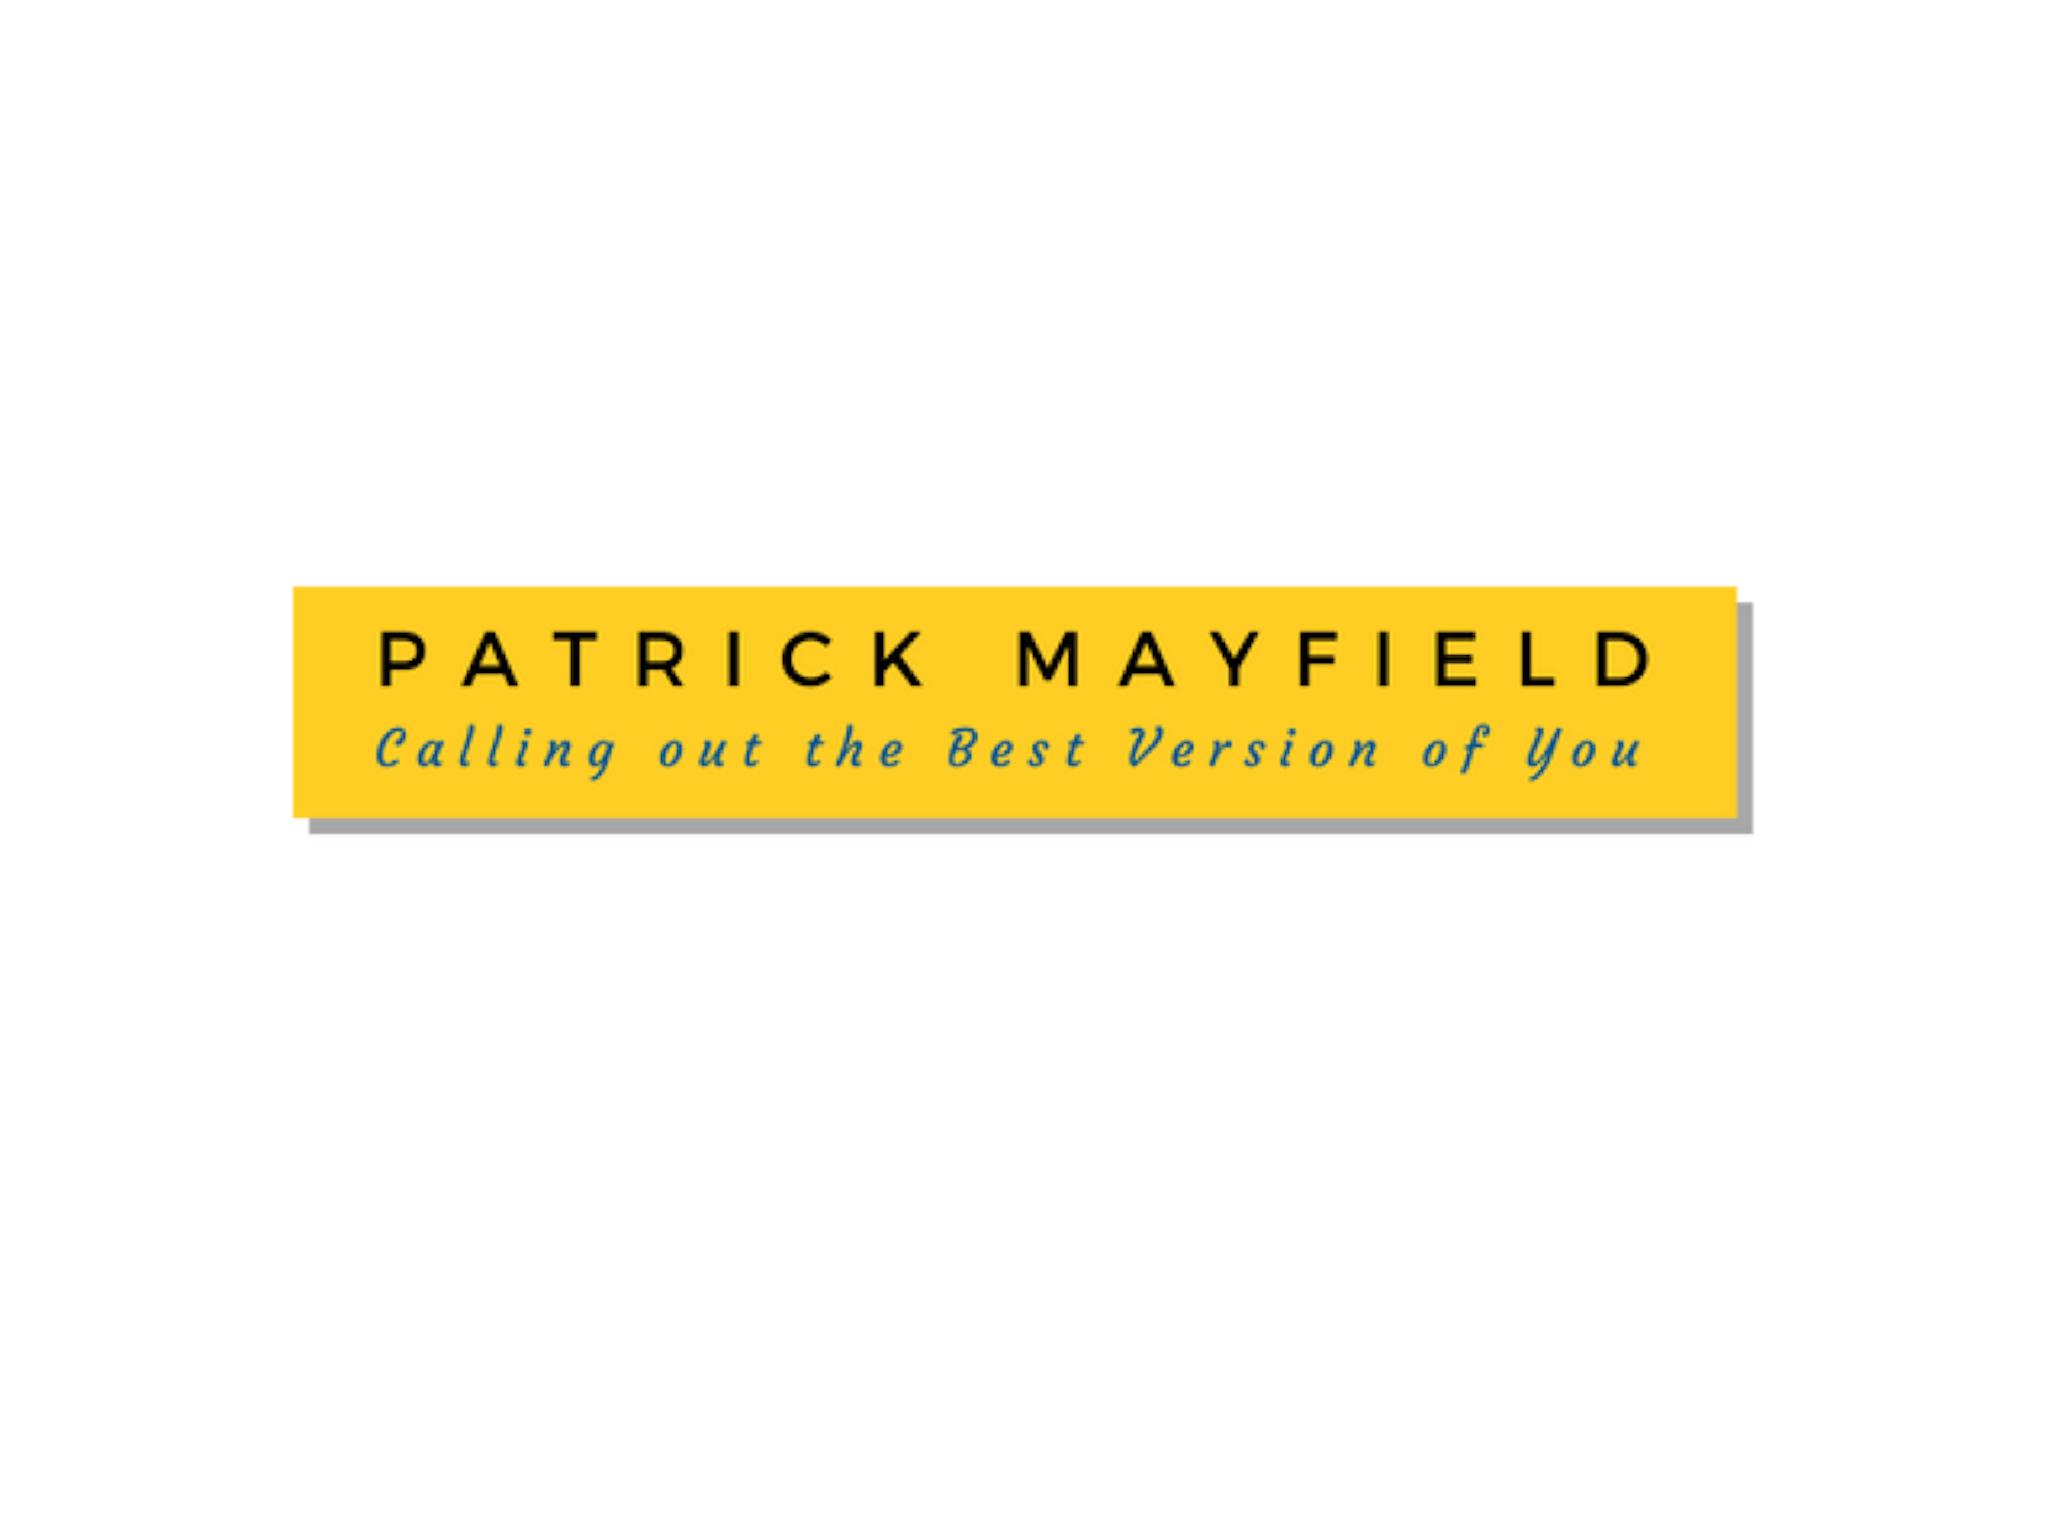 Patrick Mayfield